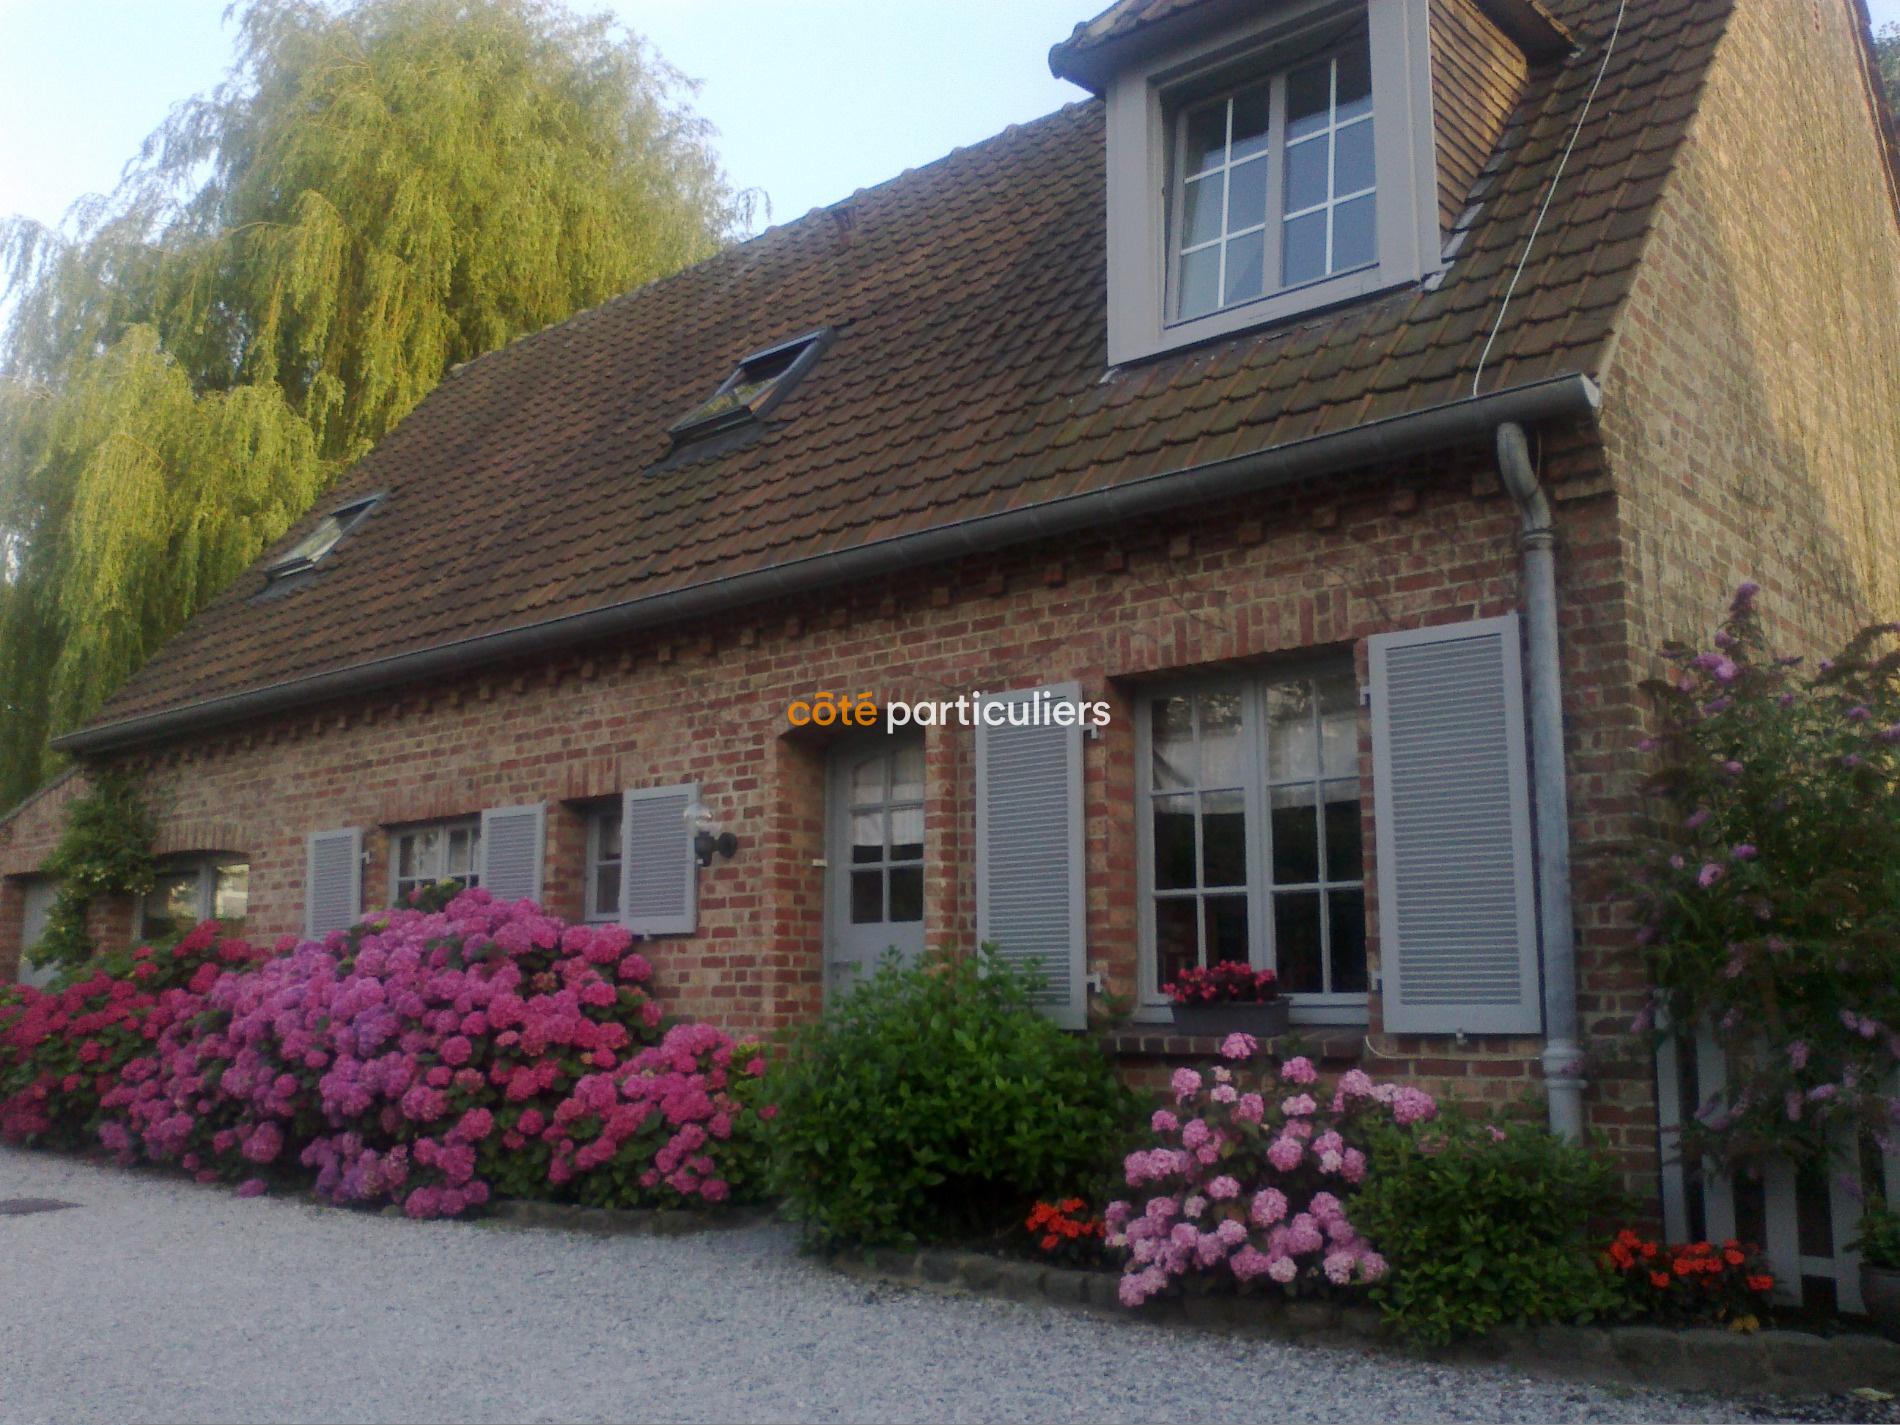 Vente nouveaute jolie maison individuelle for Vente maison individuelle hem